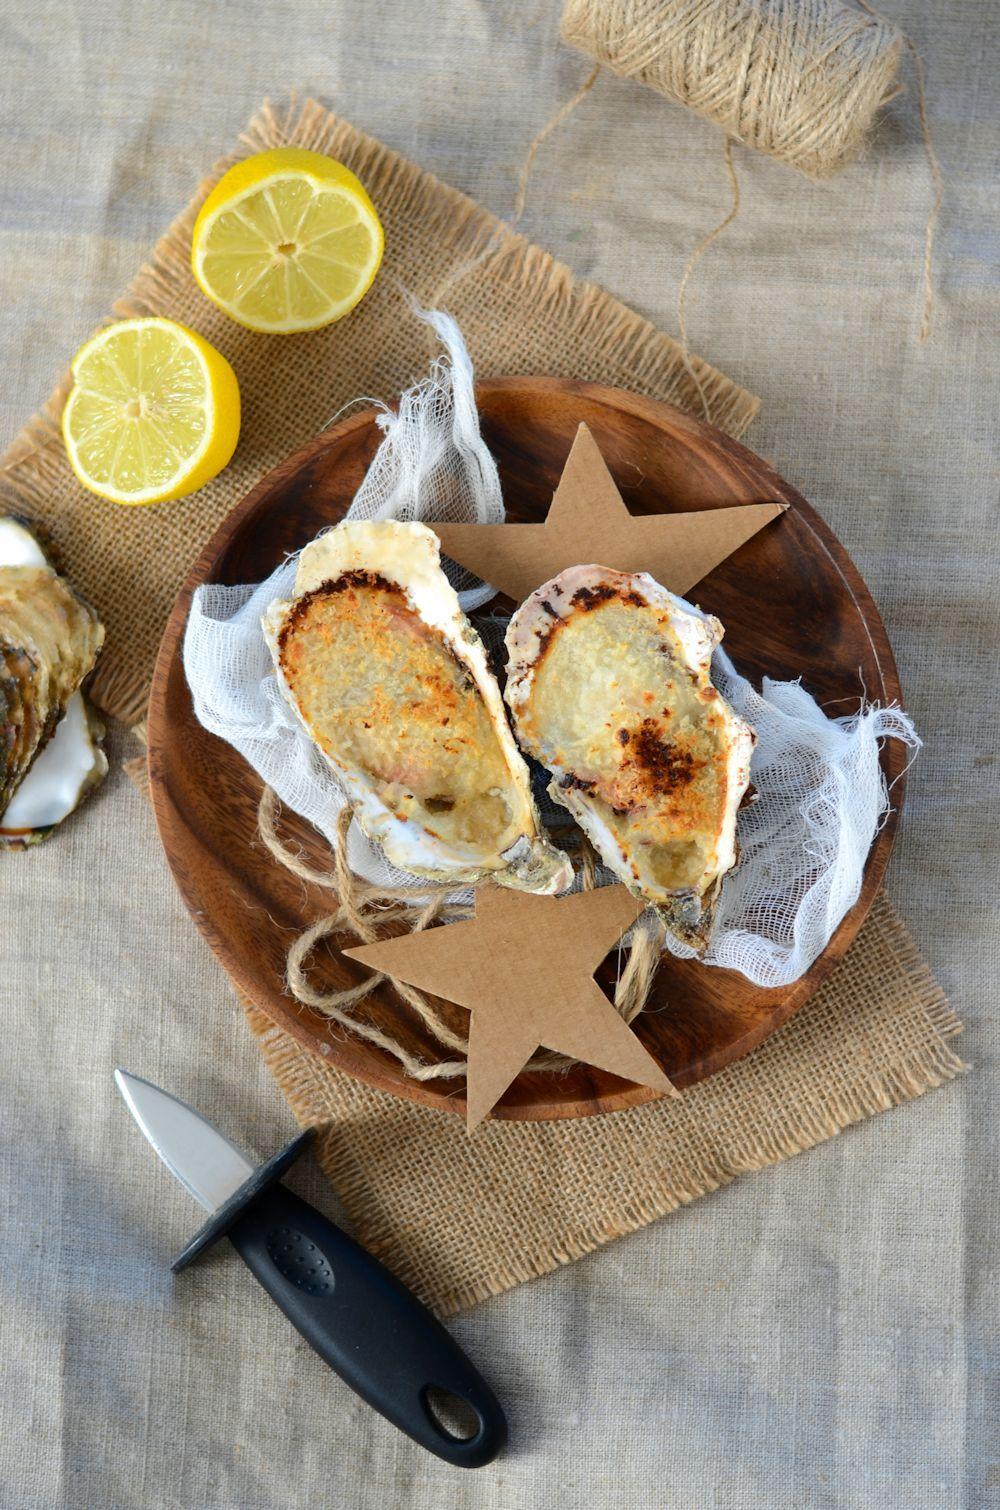 Huîtres chaudes gratinées au four | Recette | Huitre ...